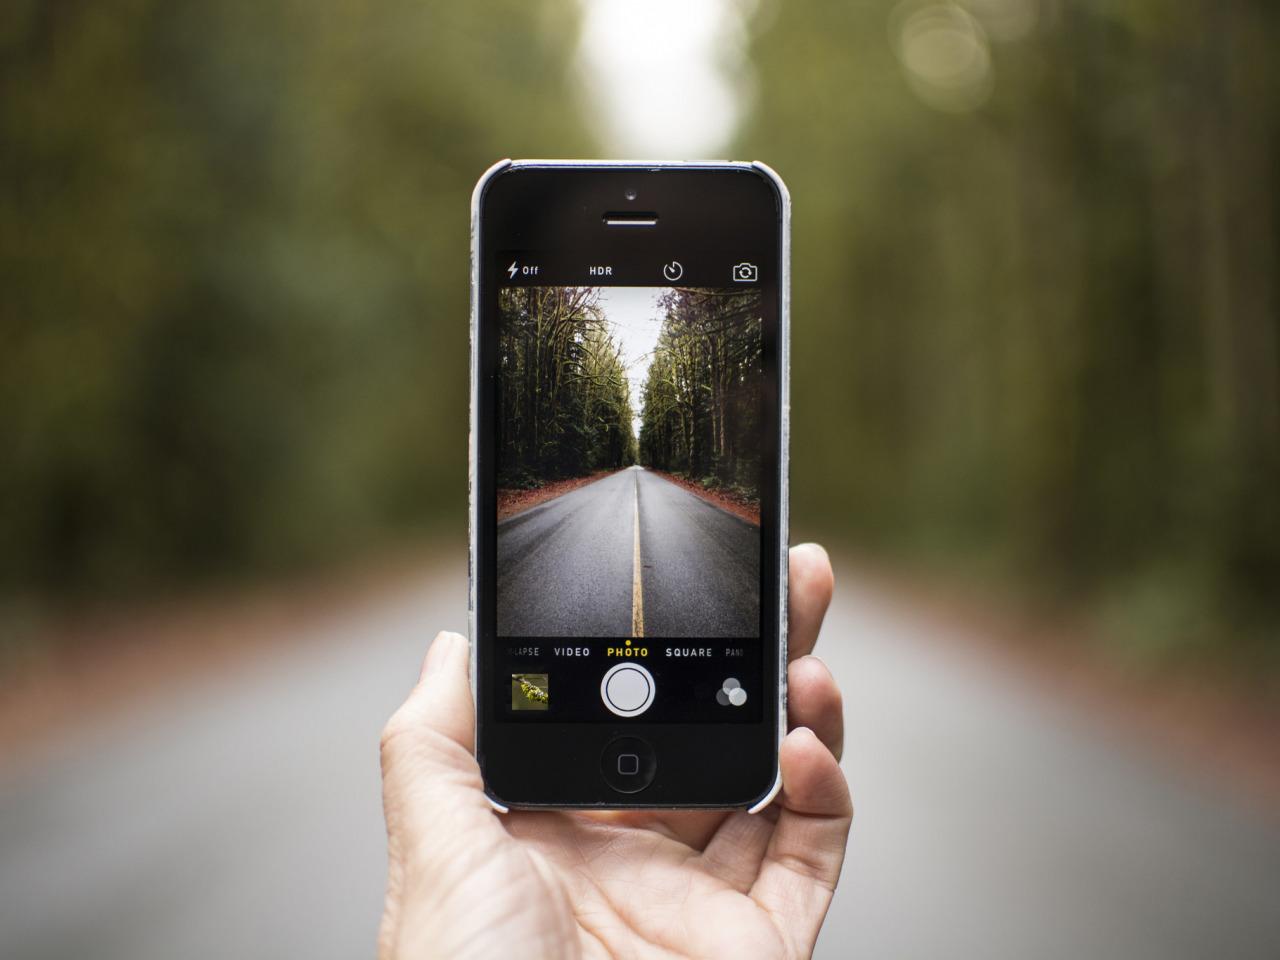 на айфон чтобы фото двигалось хочется